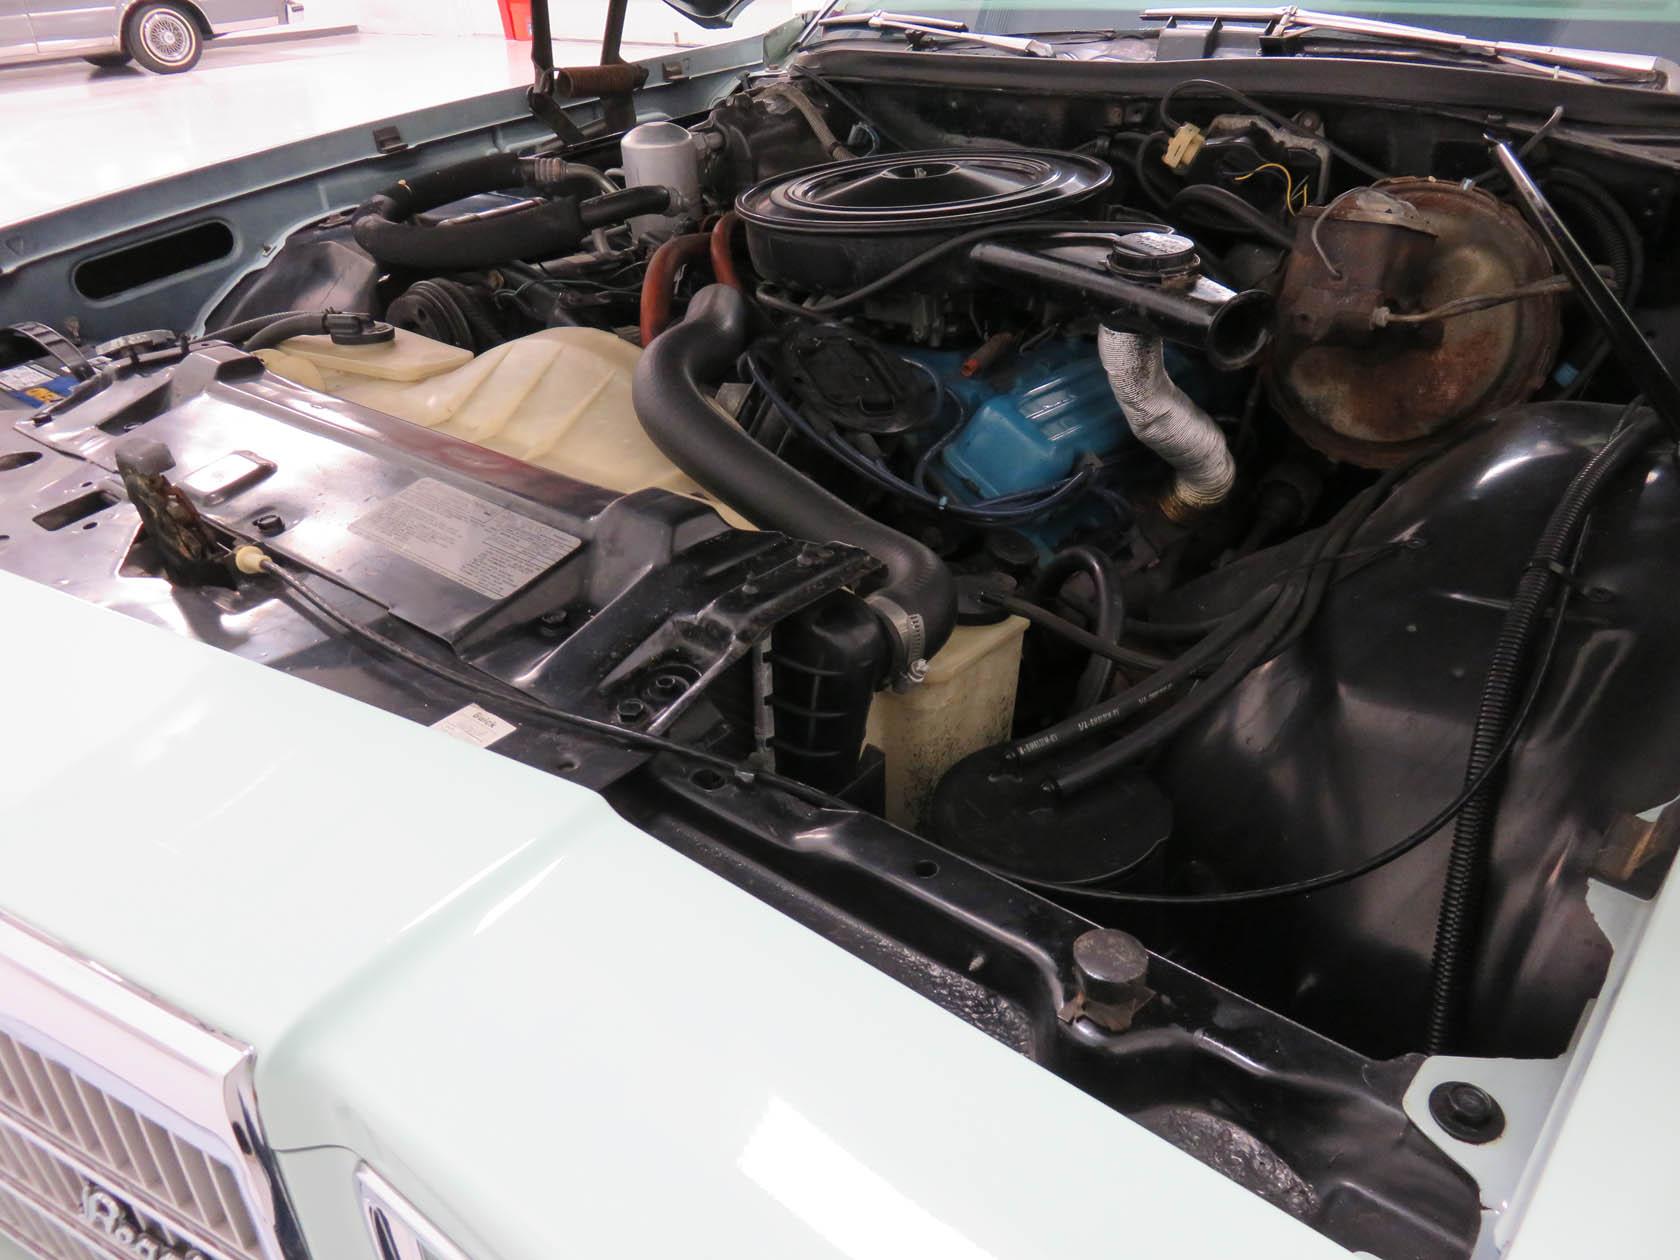 Michael Esposito - 1974 Oldsmobile Cutlasss Supreme 386